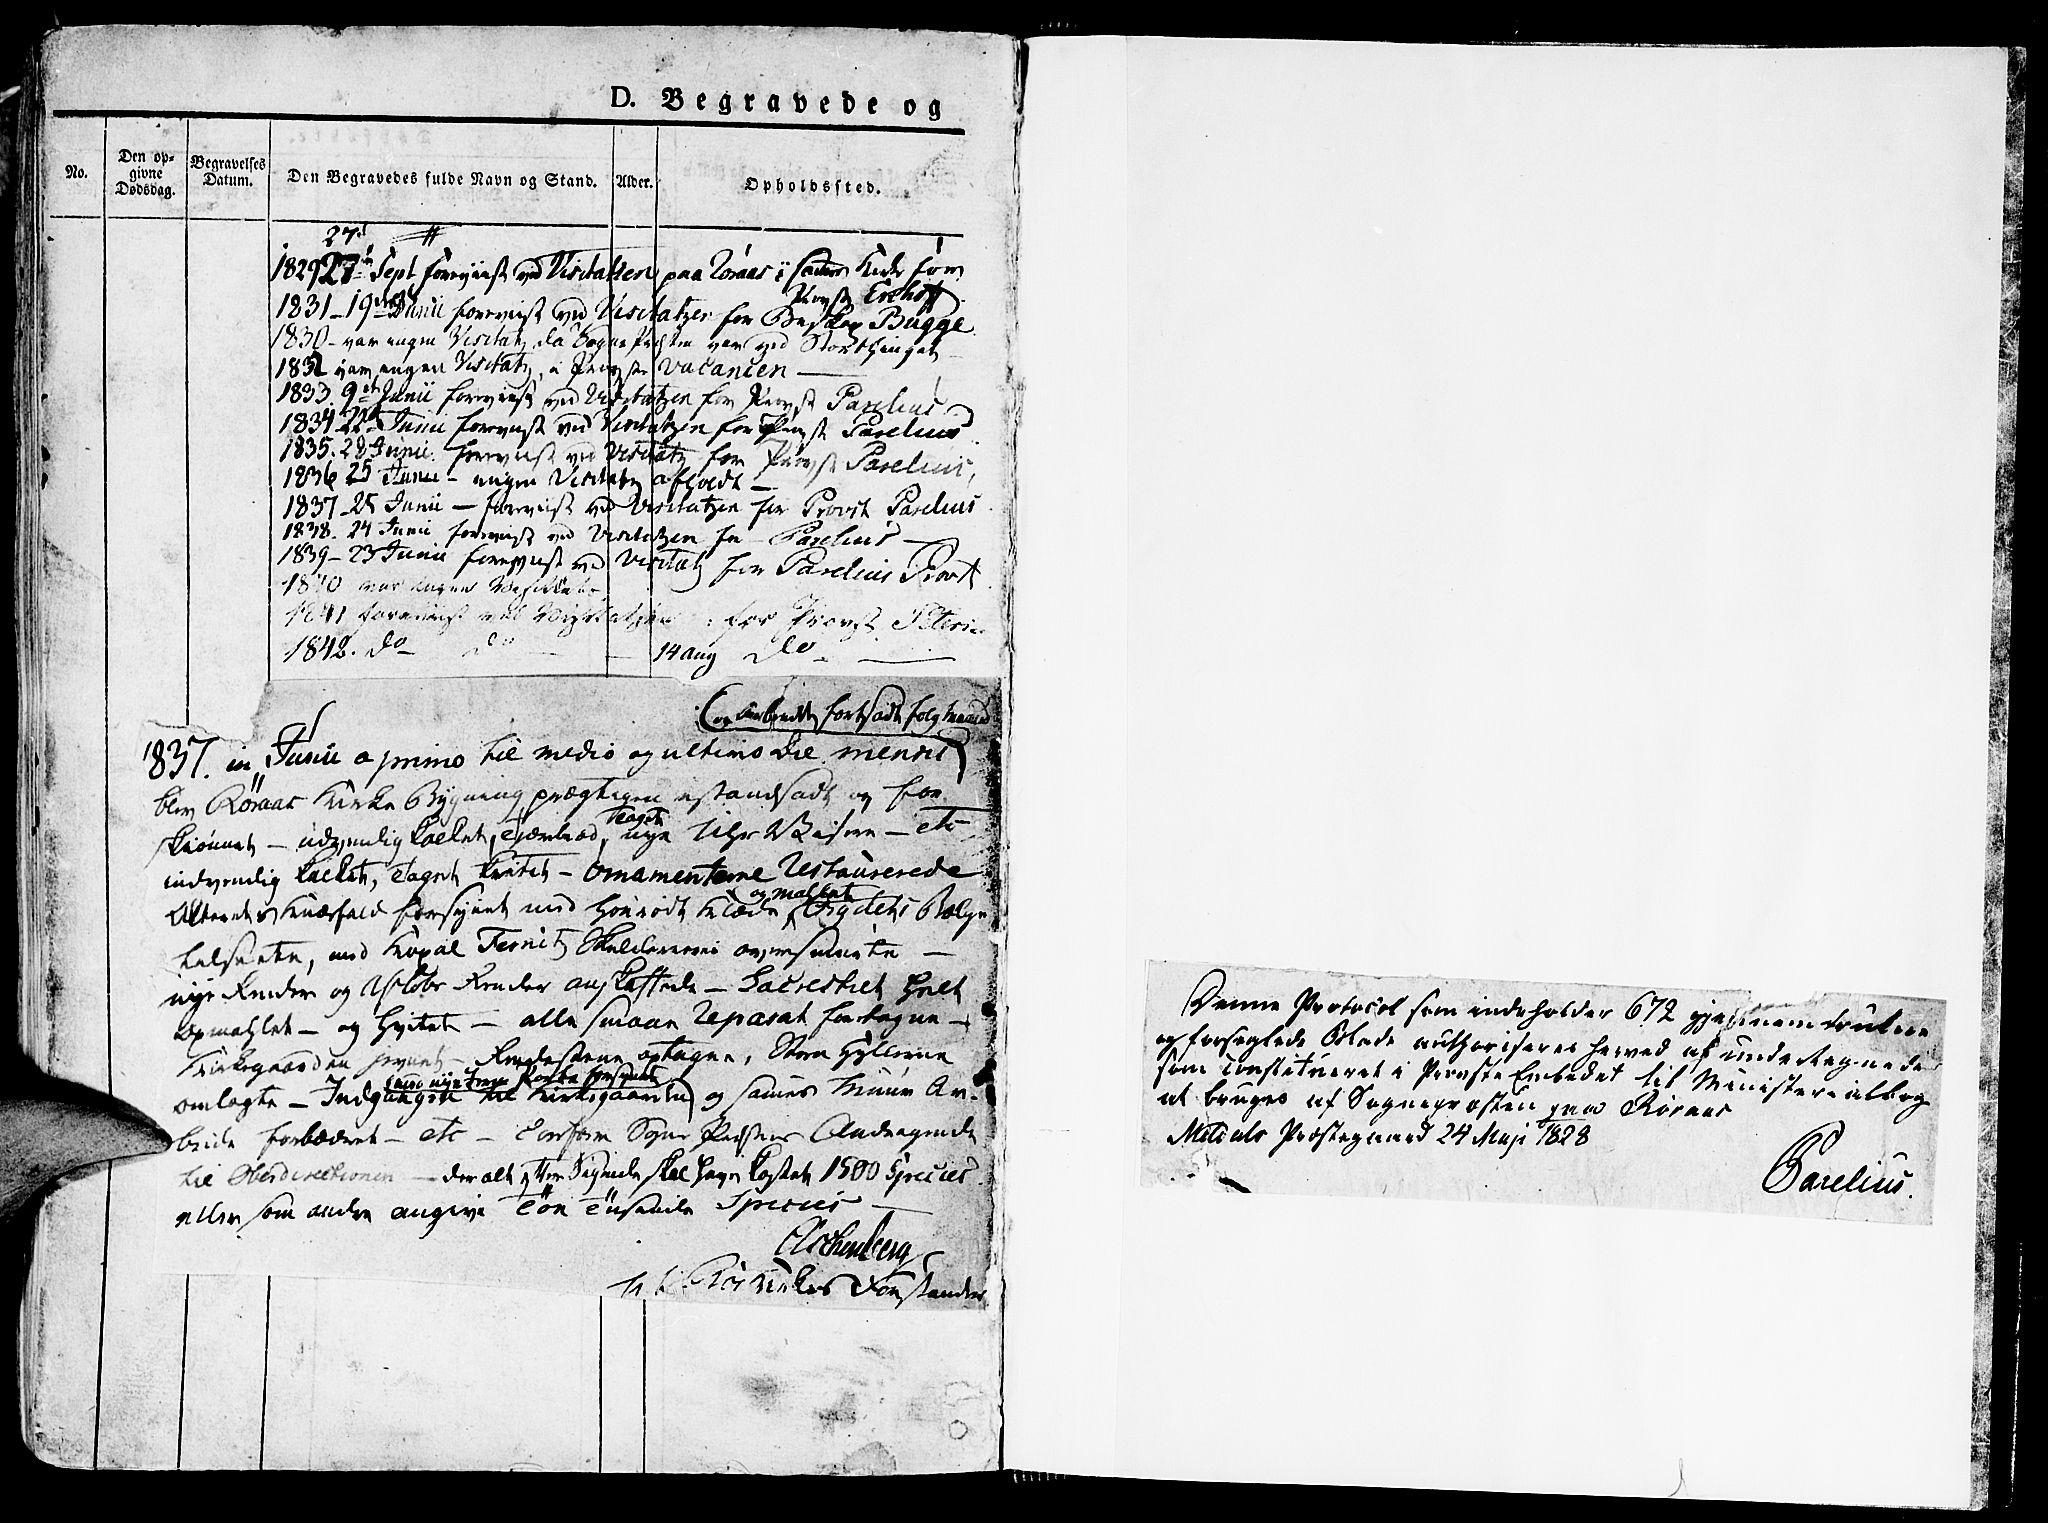 SAT, Ministerialprotokoller, klokkerbøker og fødselsregistre - Sør-Trøndelag, 681/L0930: Ministerialbok nr. 681A08, 1829-1844